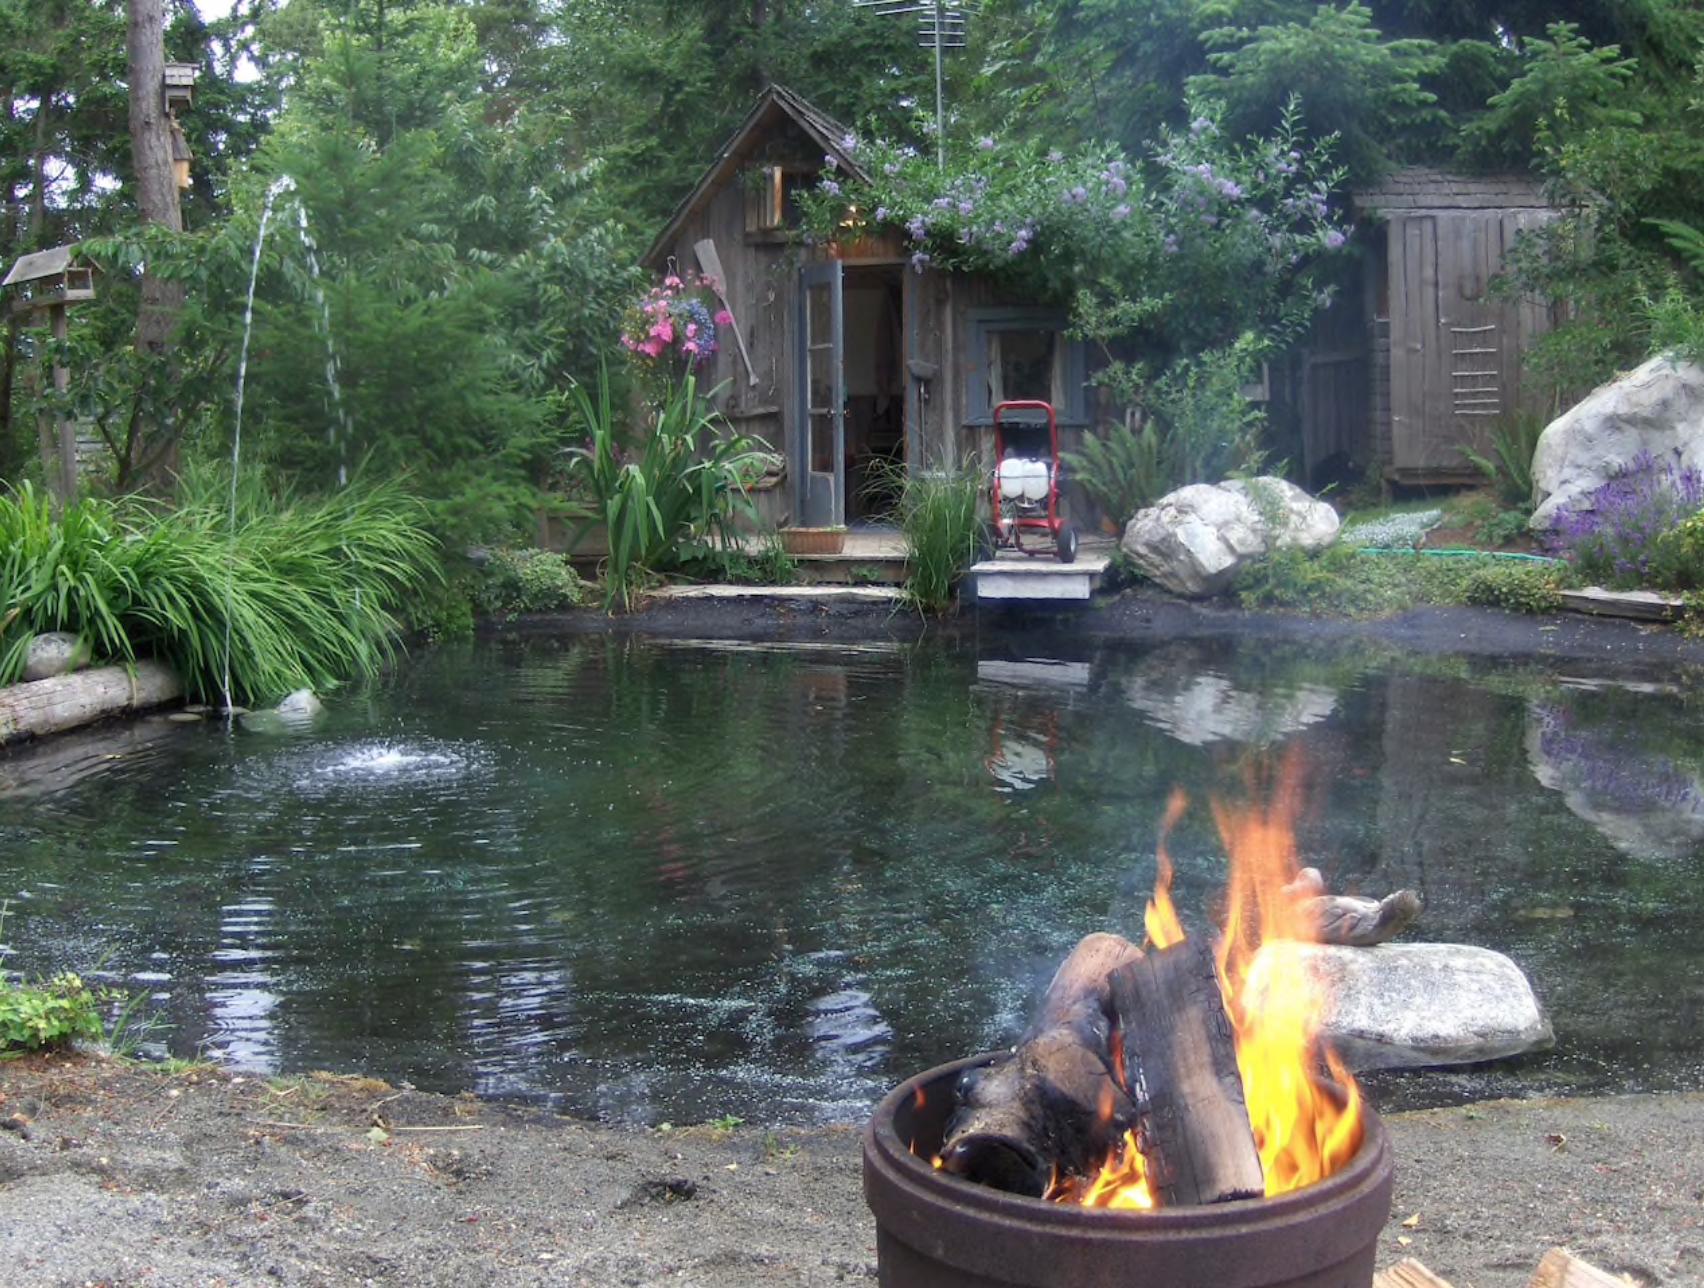 Photo via Airbnb.com